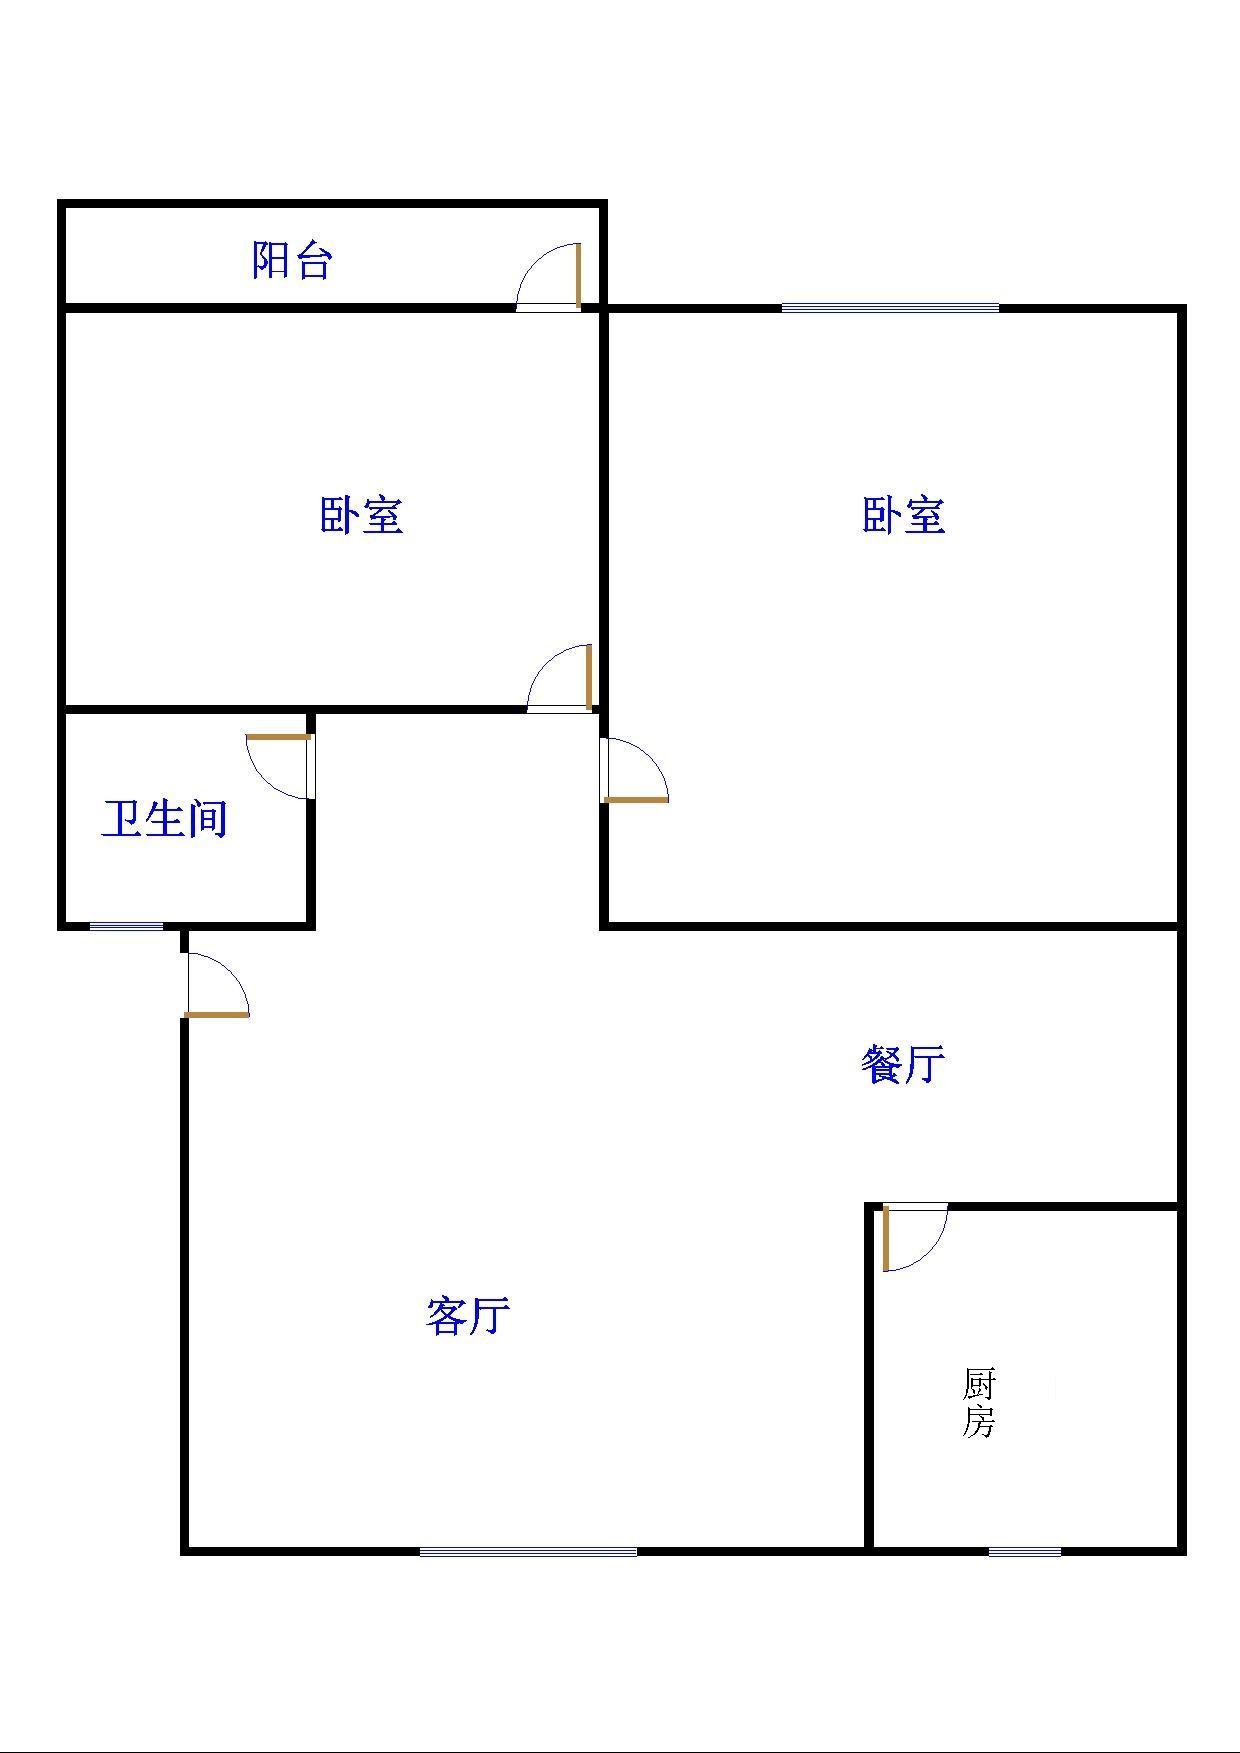 北苑新邸 2室2厅 双证齐全过五年 精装 62万